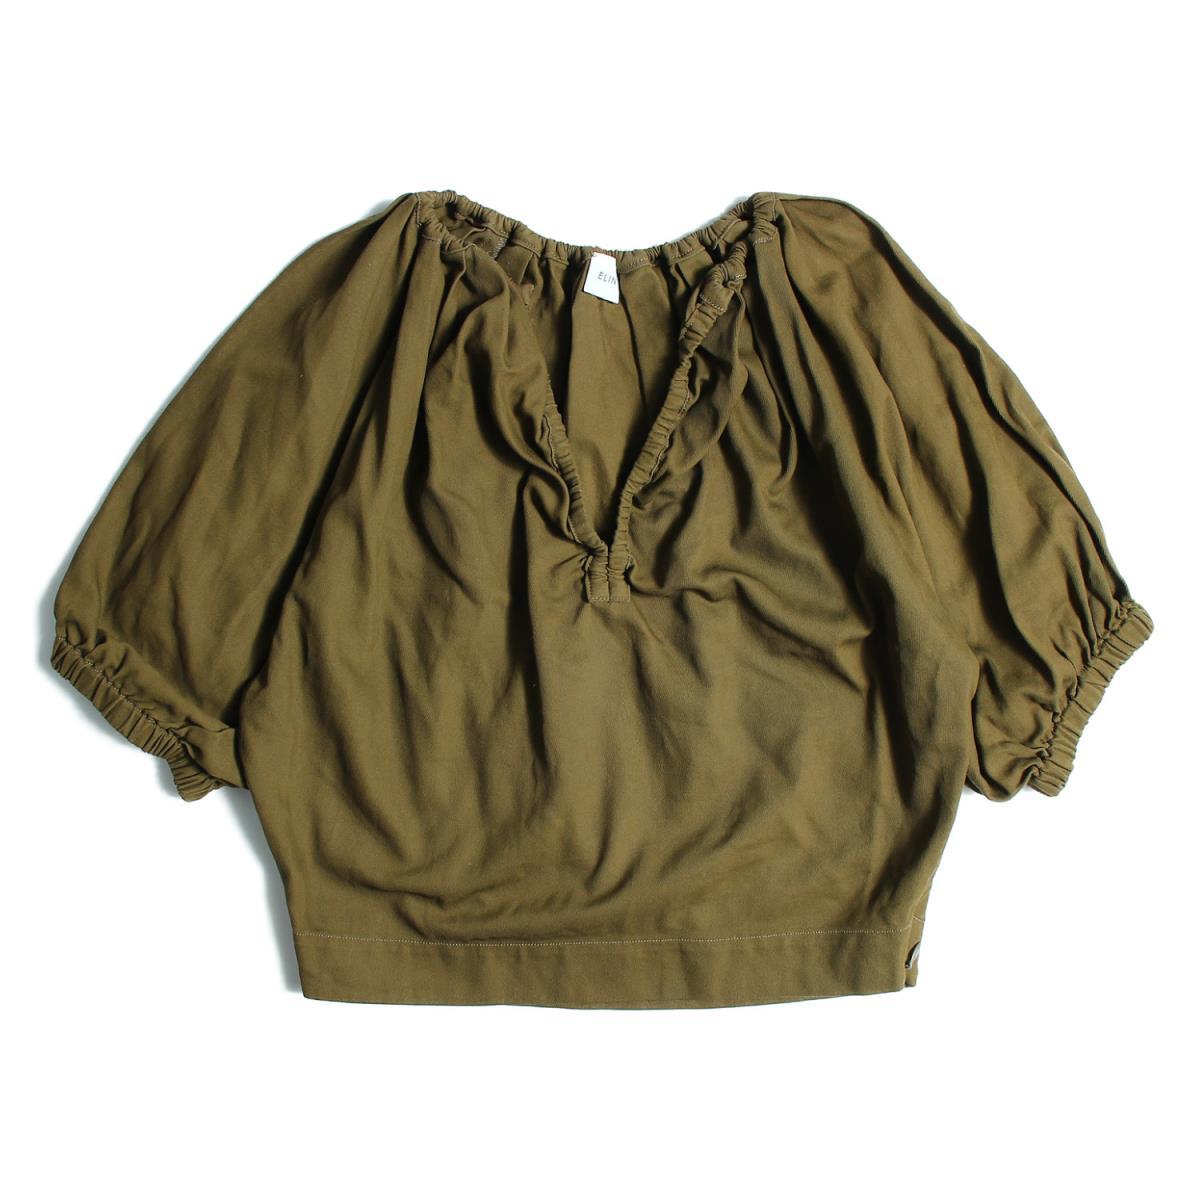 ELIN(エリン) Cotton gather half-sleeve top ギャザートップス ブラウス カーキ 36(S) 【レディース】【中古】【美品】【K2319】